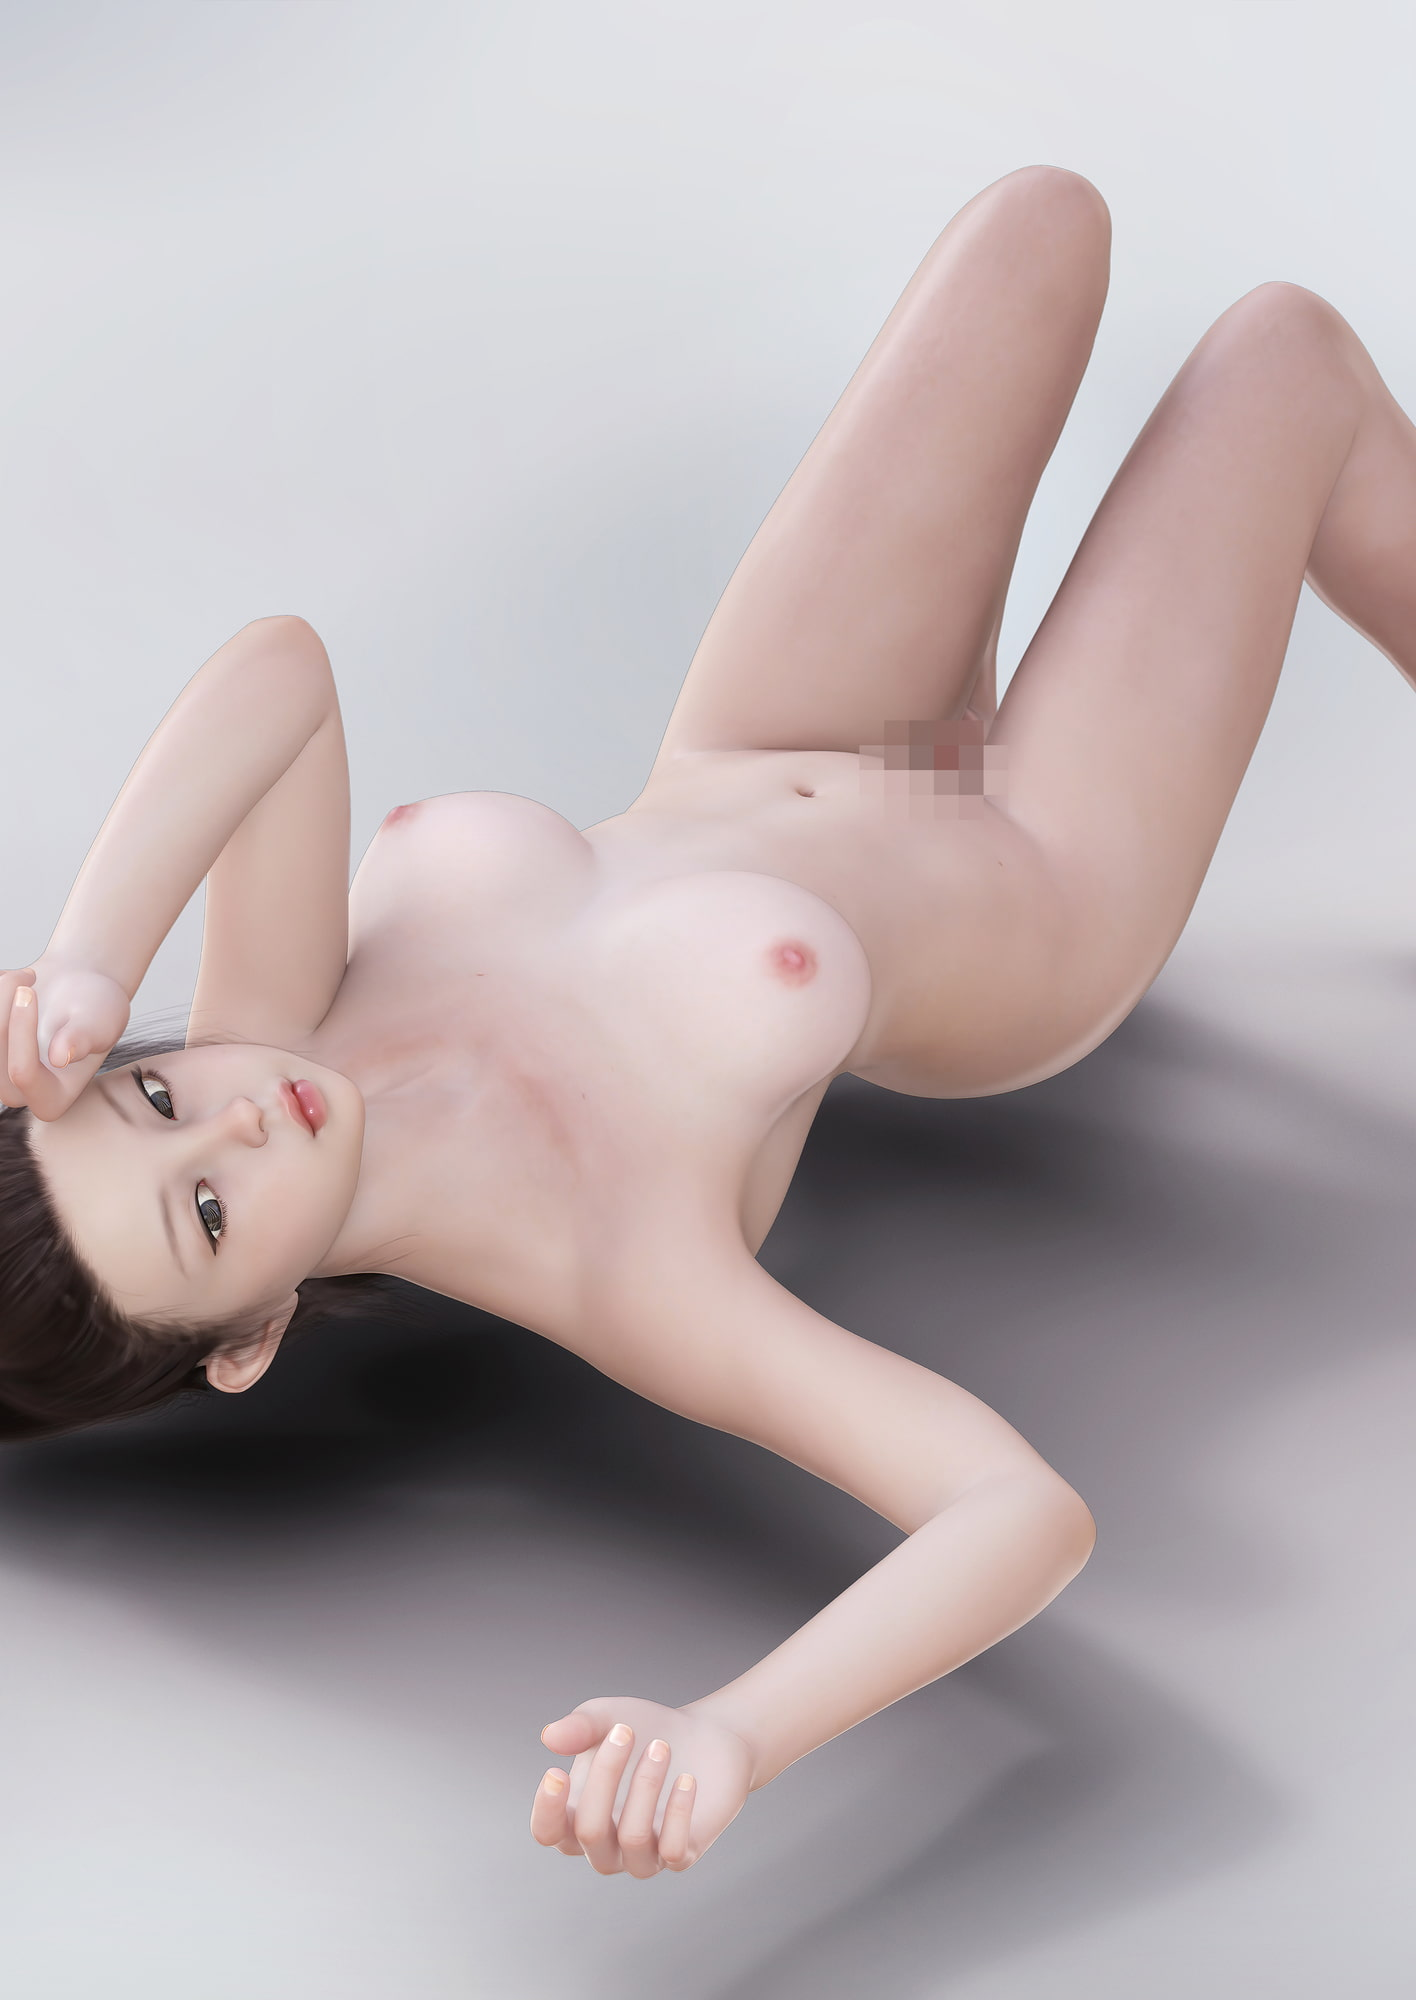 フィギュアスケート女子部彼女のグラビア写真集